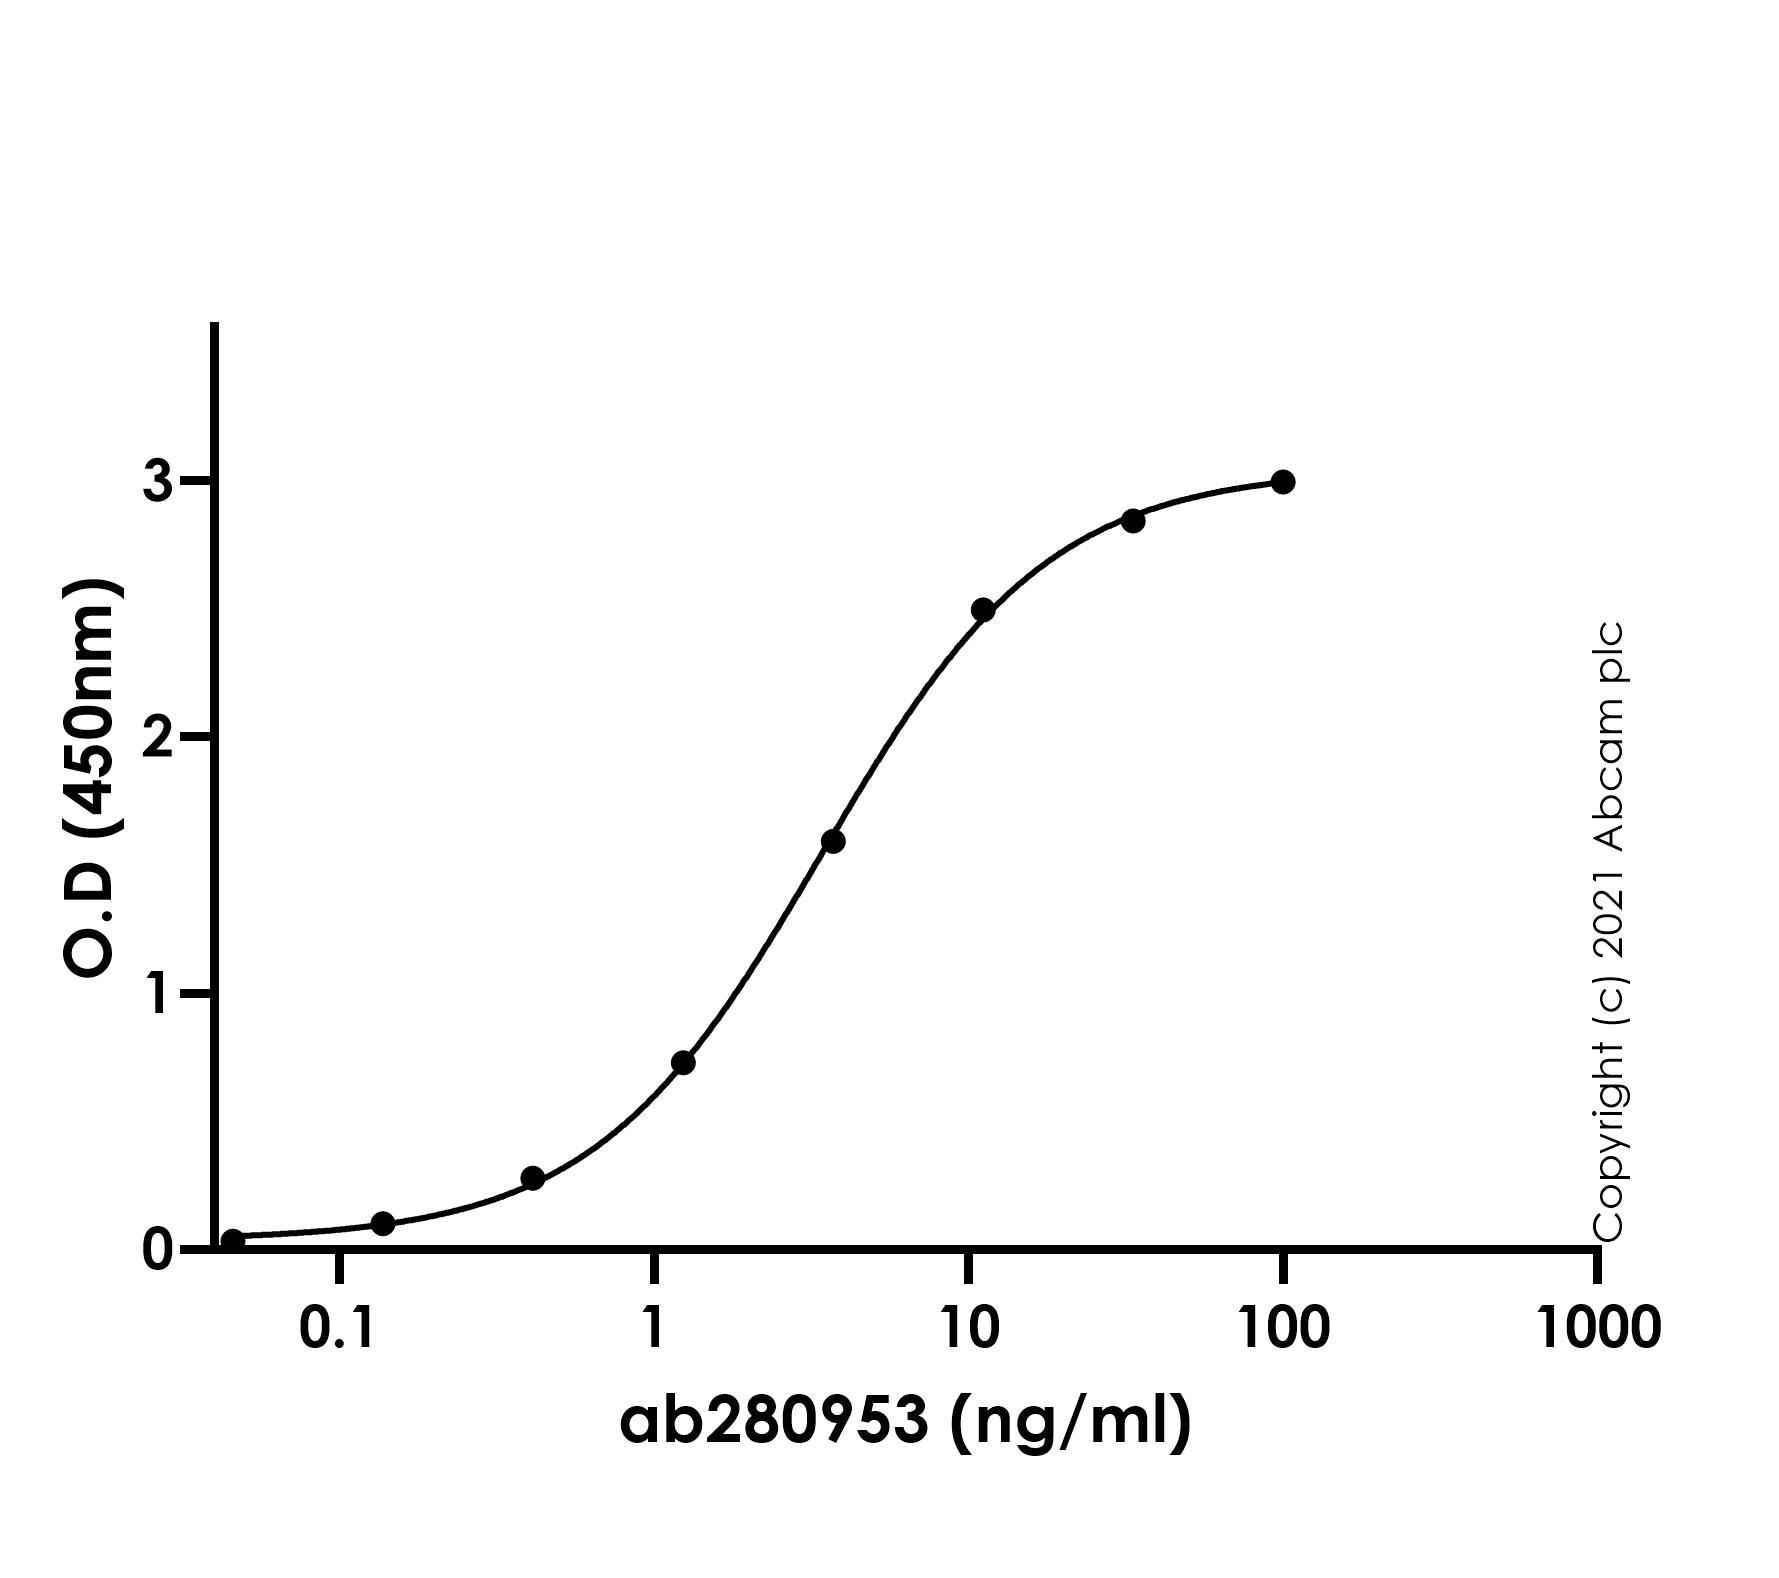 ELISA - Anti-SARS CoV-2 ORF3a Protein antibody [EPR24848-9] (ab280953)